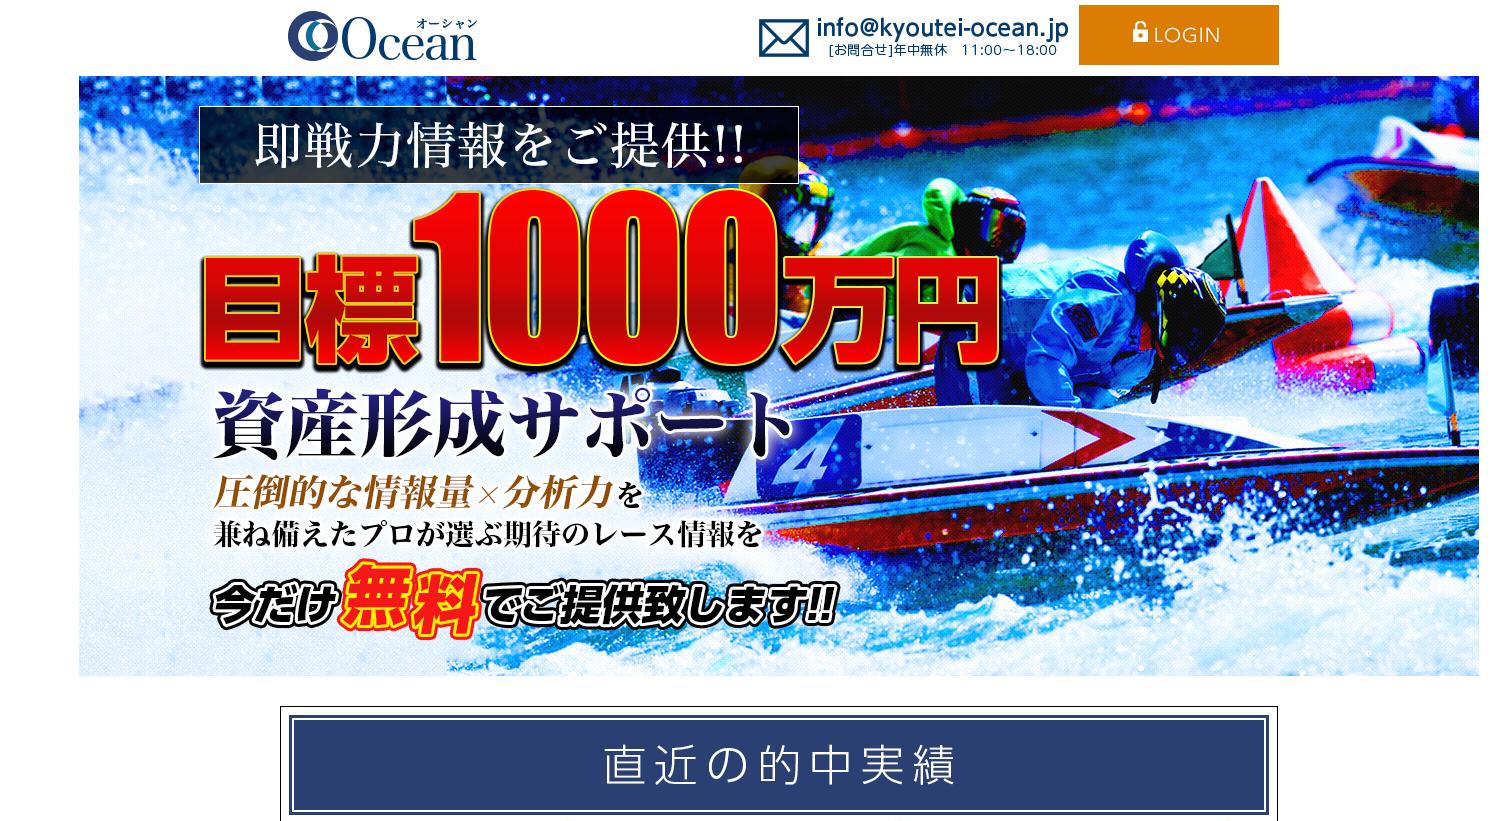 悪徳・悪質競艇(ボートレース)予想サイト オーシャン